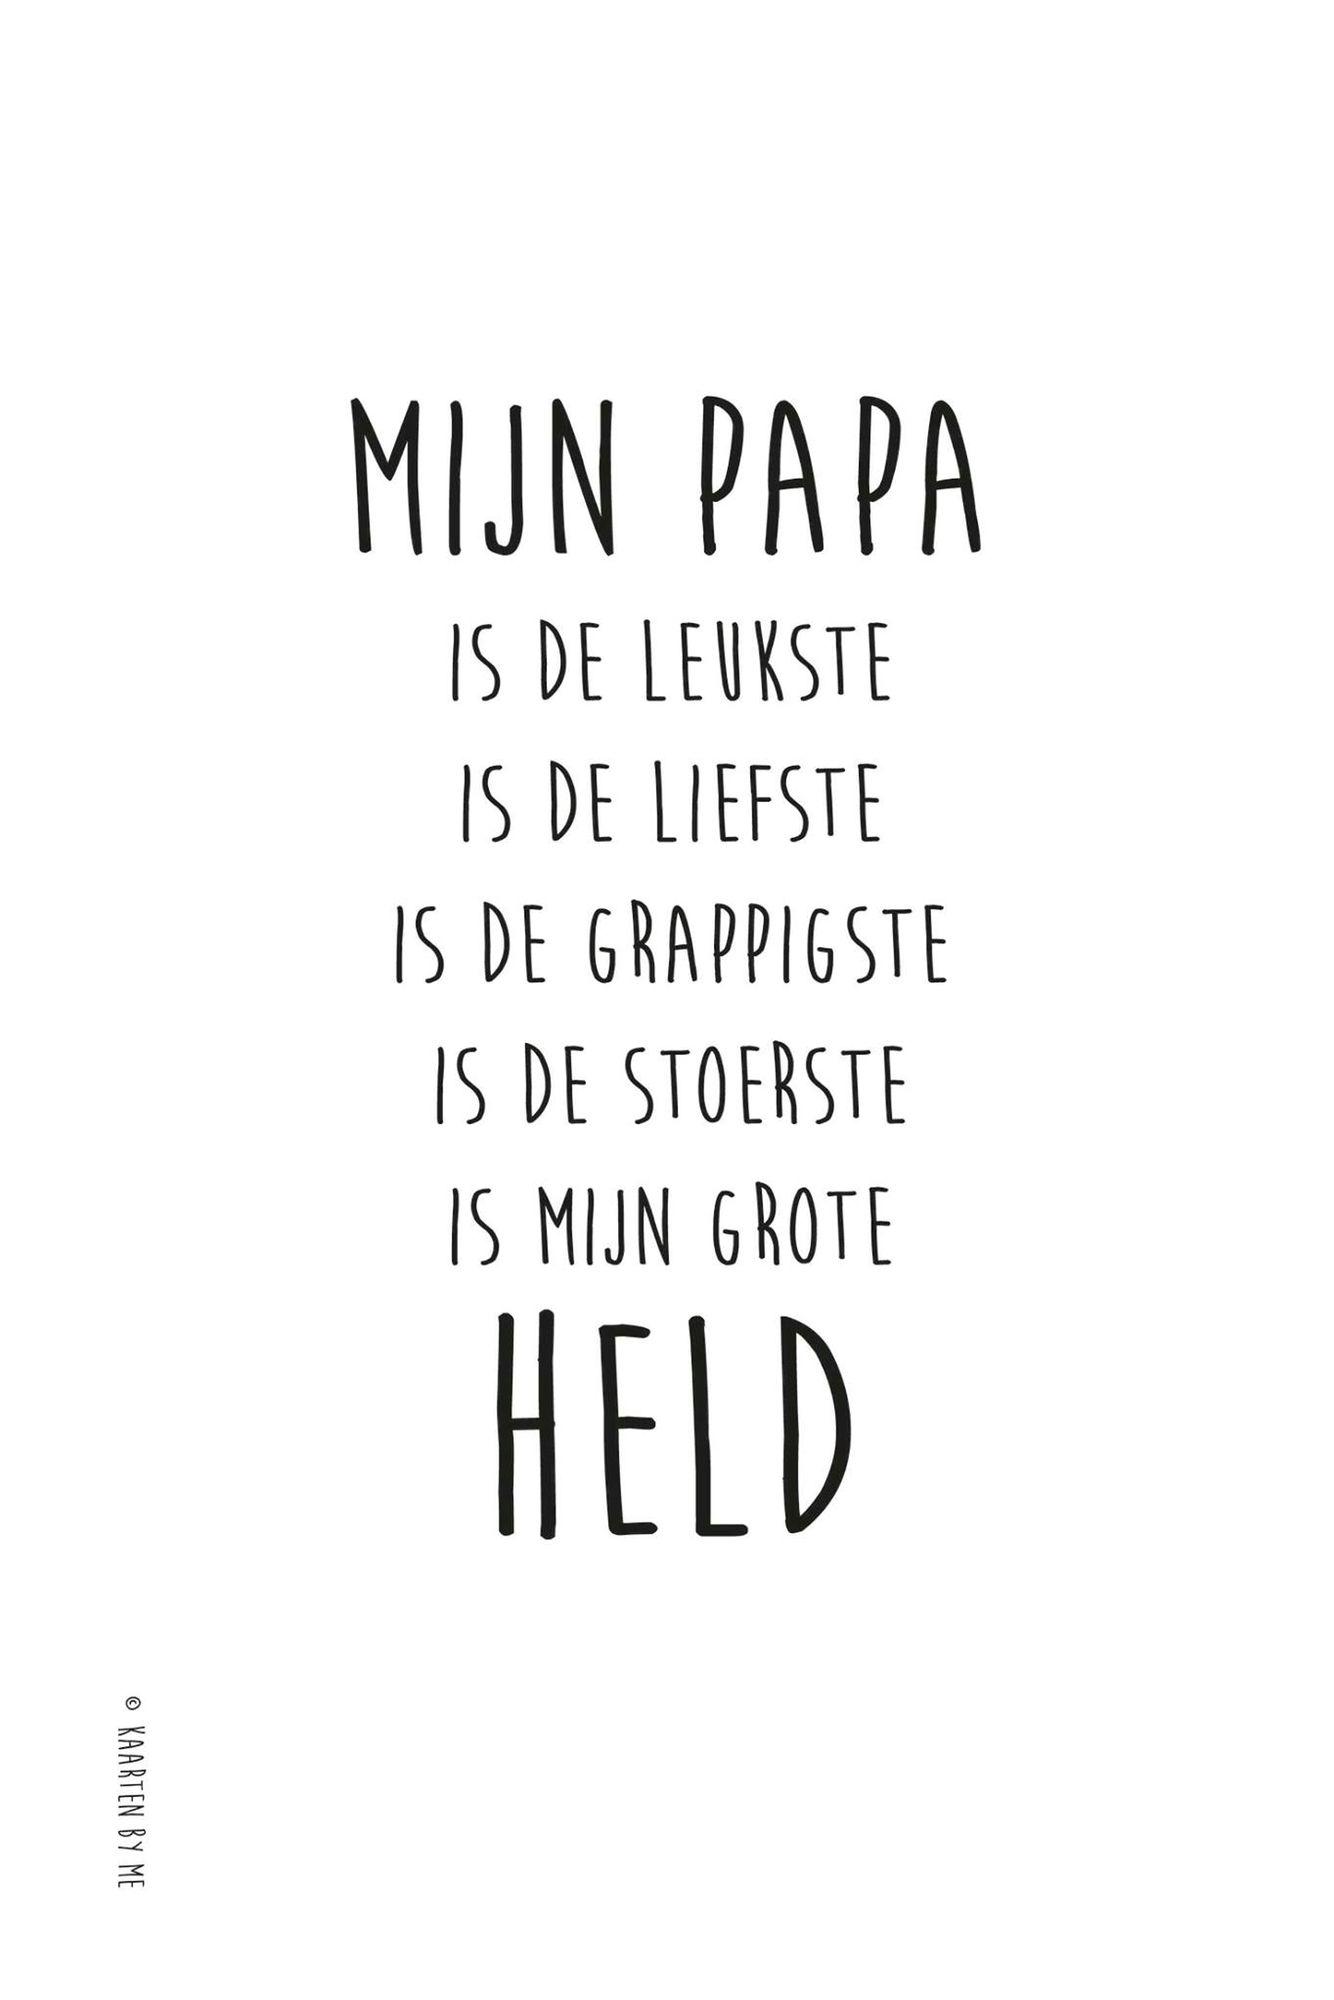 Citaten Voor Vaderdag : Mijn papa is de leukste liefste